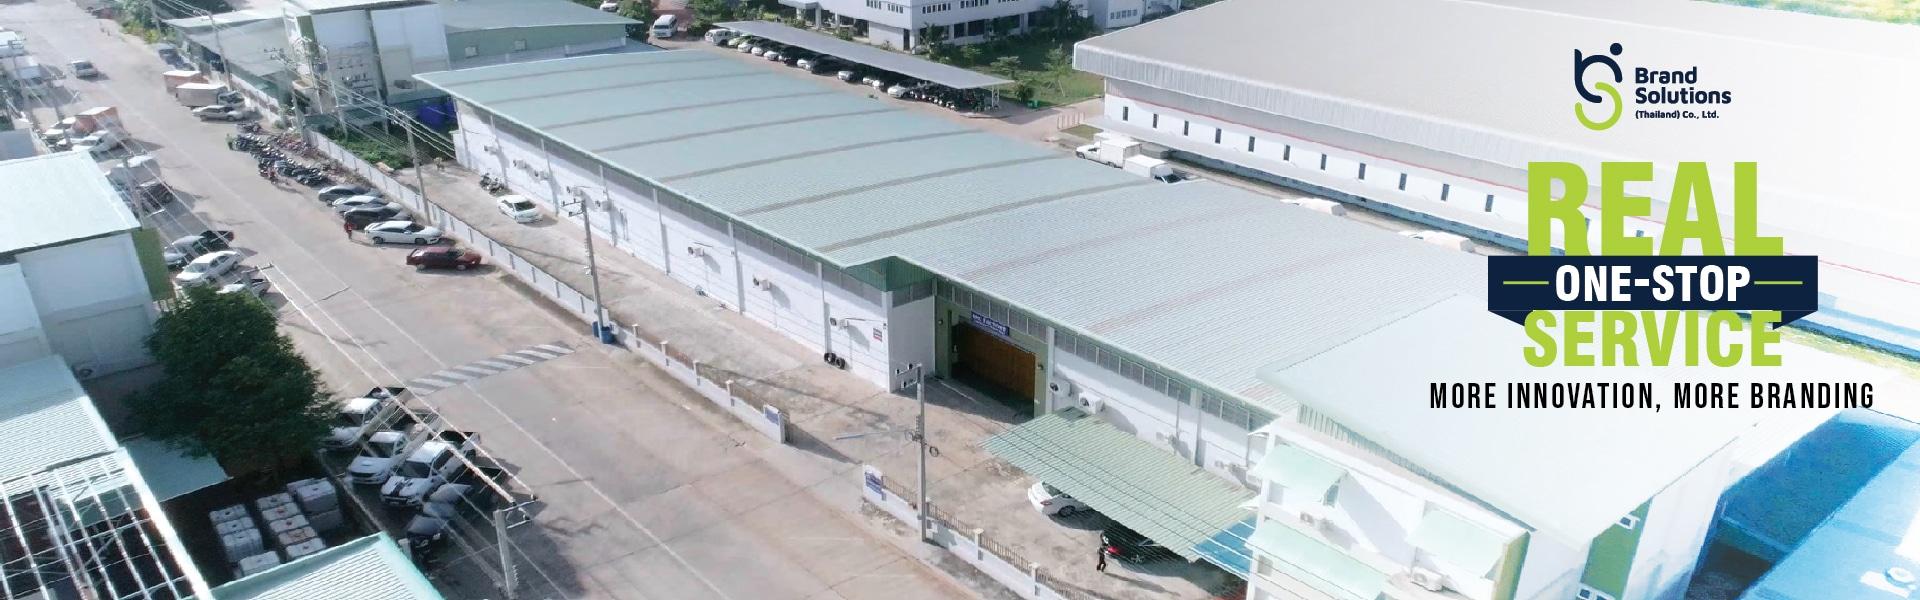 โรงงานผลิตอาหารเสริม